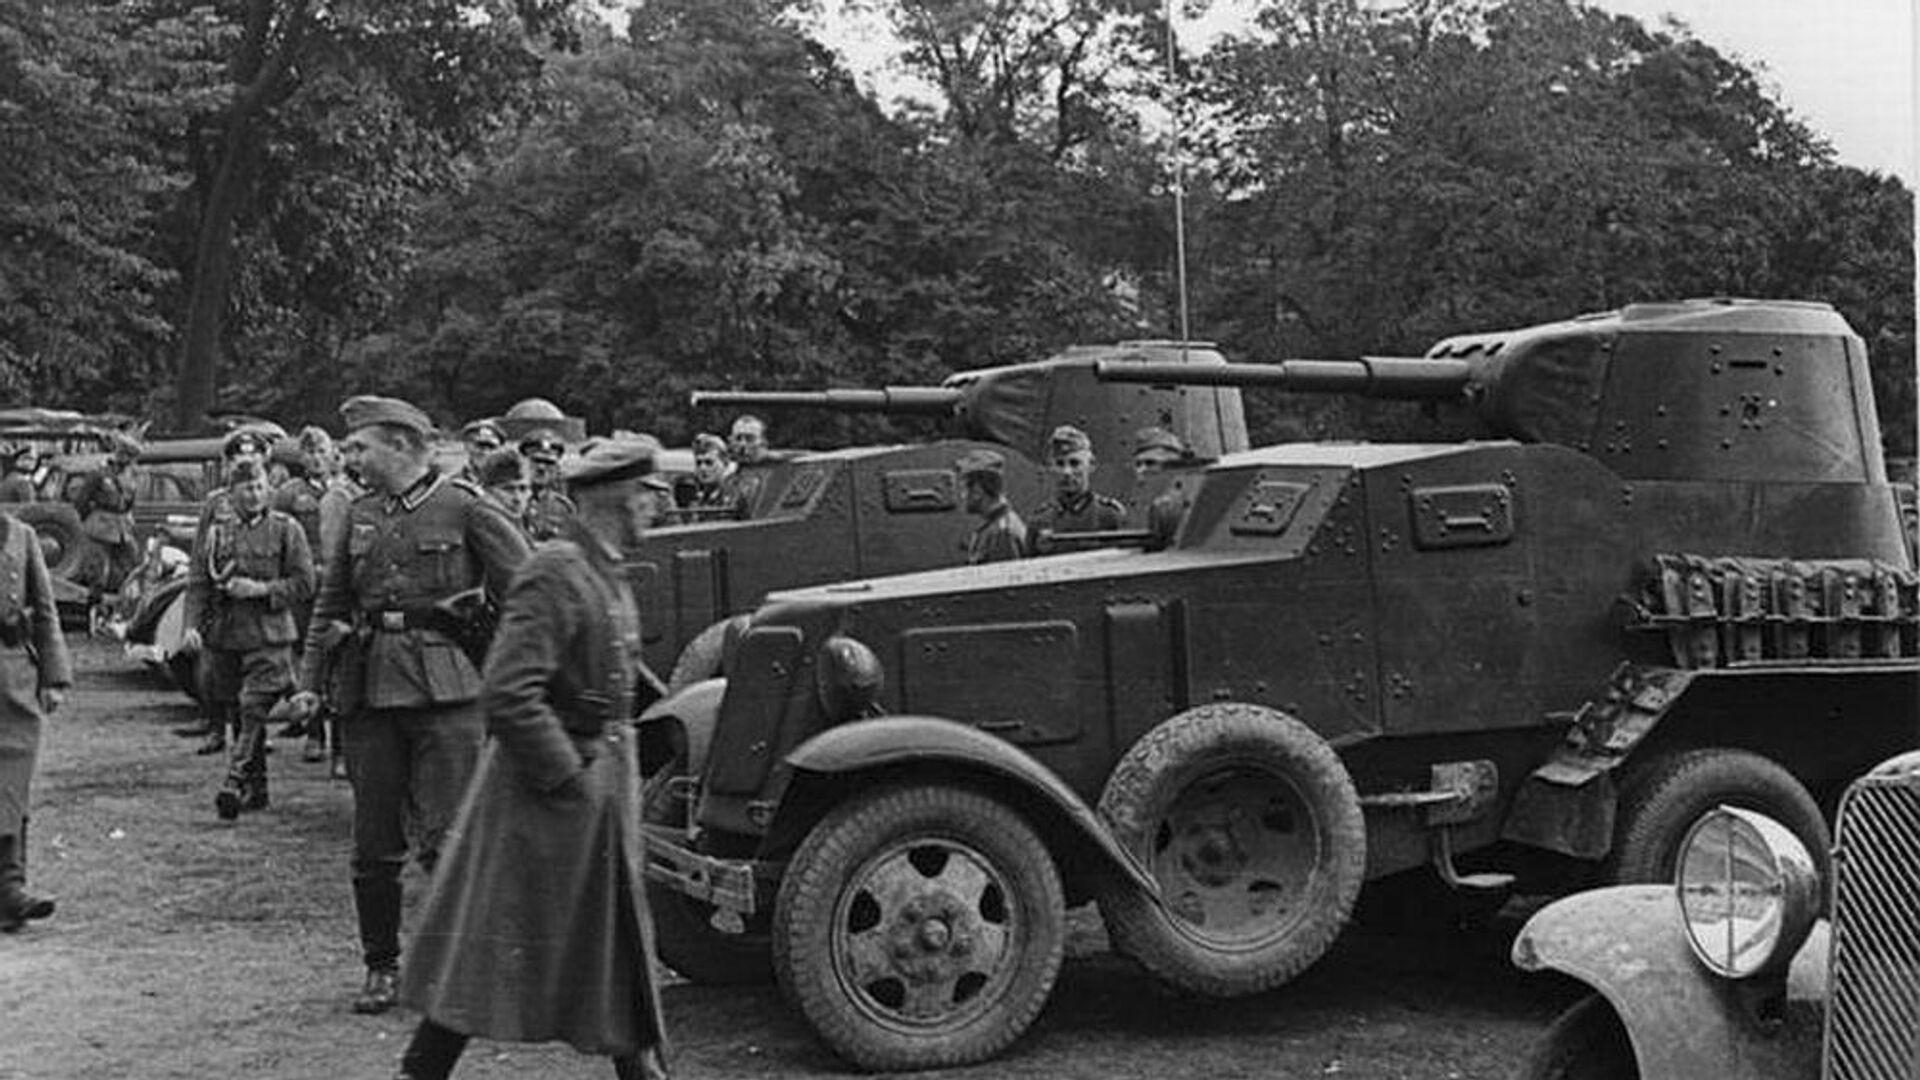 Nemački vojnici posmatraju sovjetska oklopna vozila BA-10 u poljskom Lublinu - Sputnik Srbija, 1920, 02.10.2021